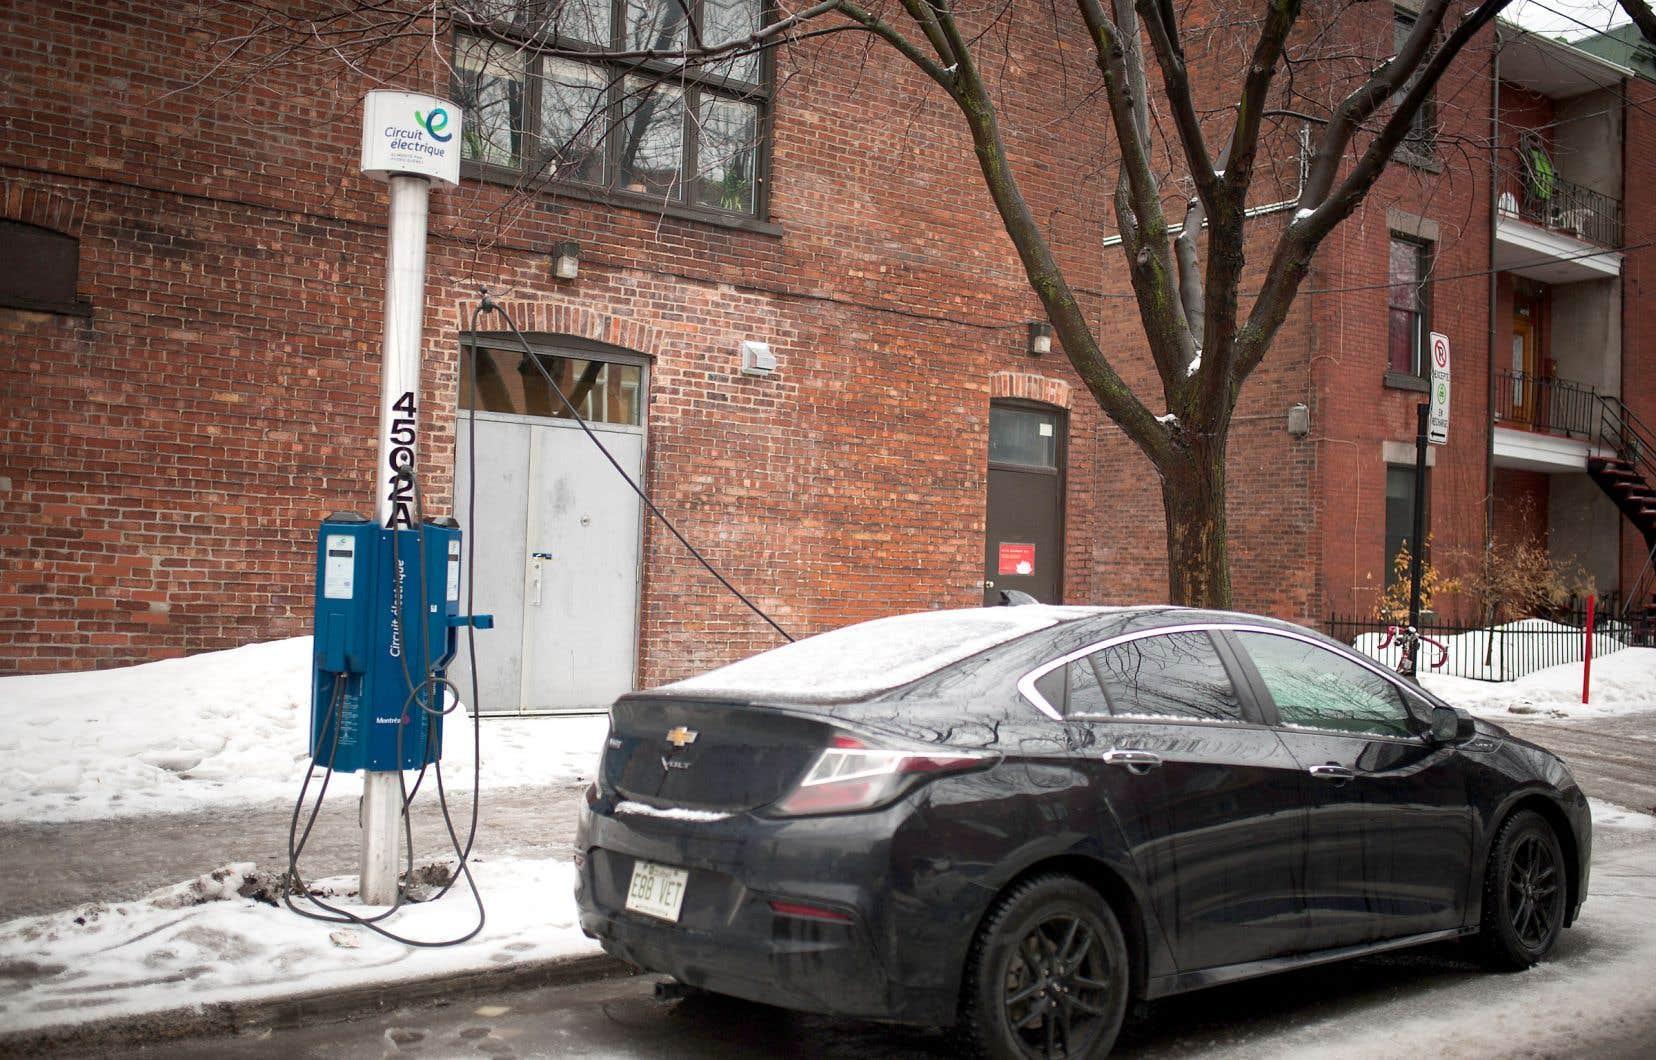 Fondée en 2009, AddÉnergie a livré plus de 35 000 bornes à ce jour, dont la presque totalité des bornes du Circuit électrique.